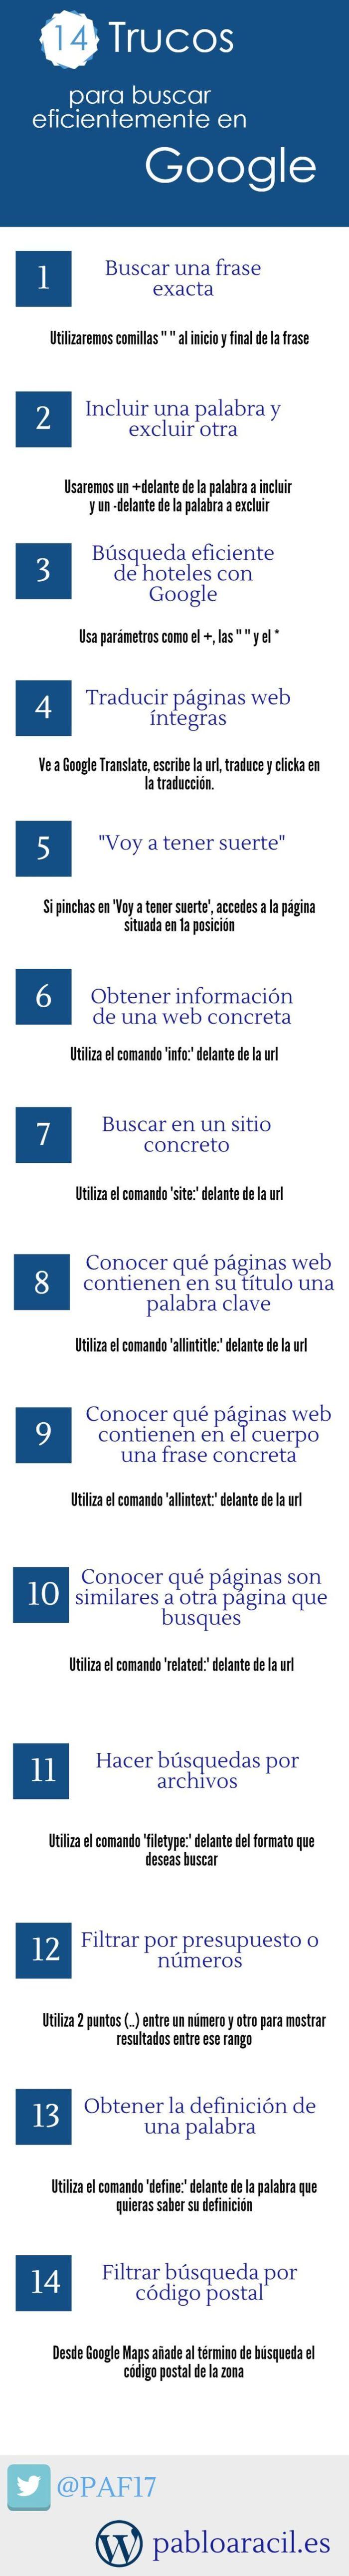 14-trucos-para-buscar-en-Google infografía